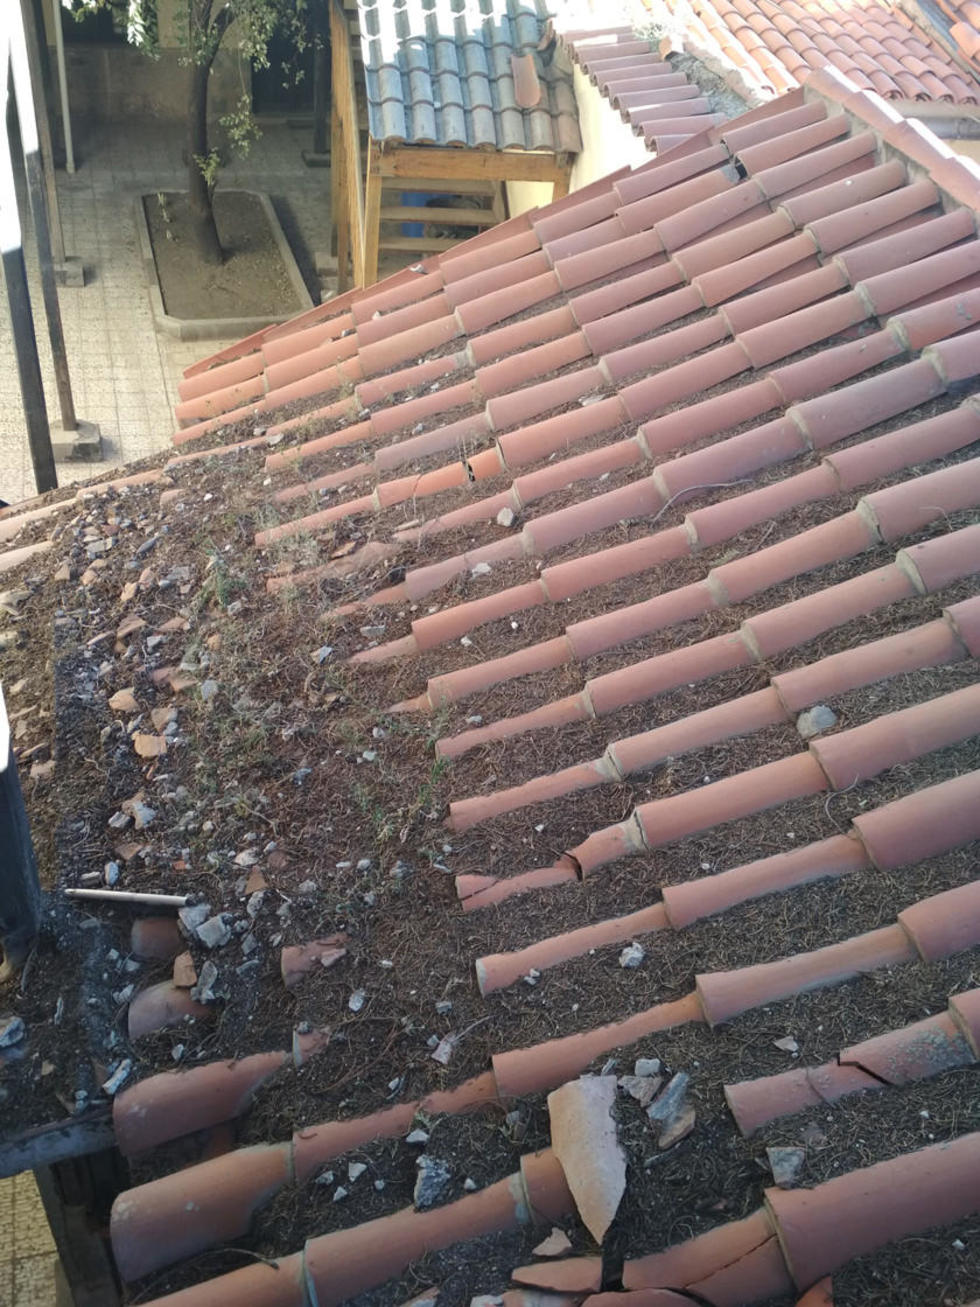 La tierra se acumuló en este techo que está en el segundo patio.